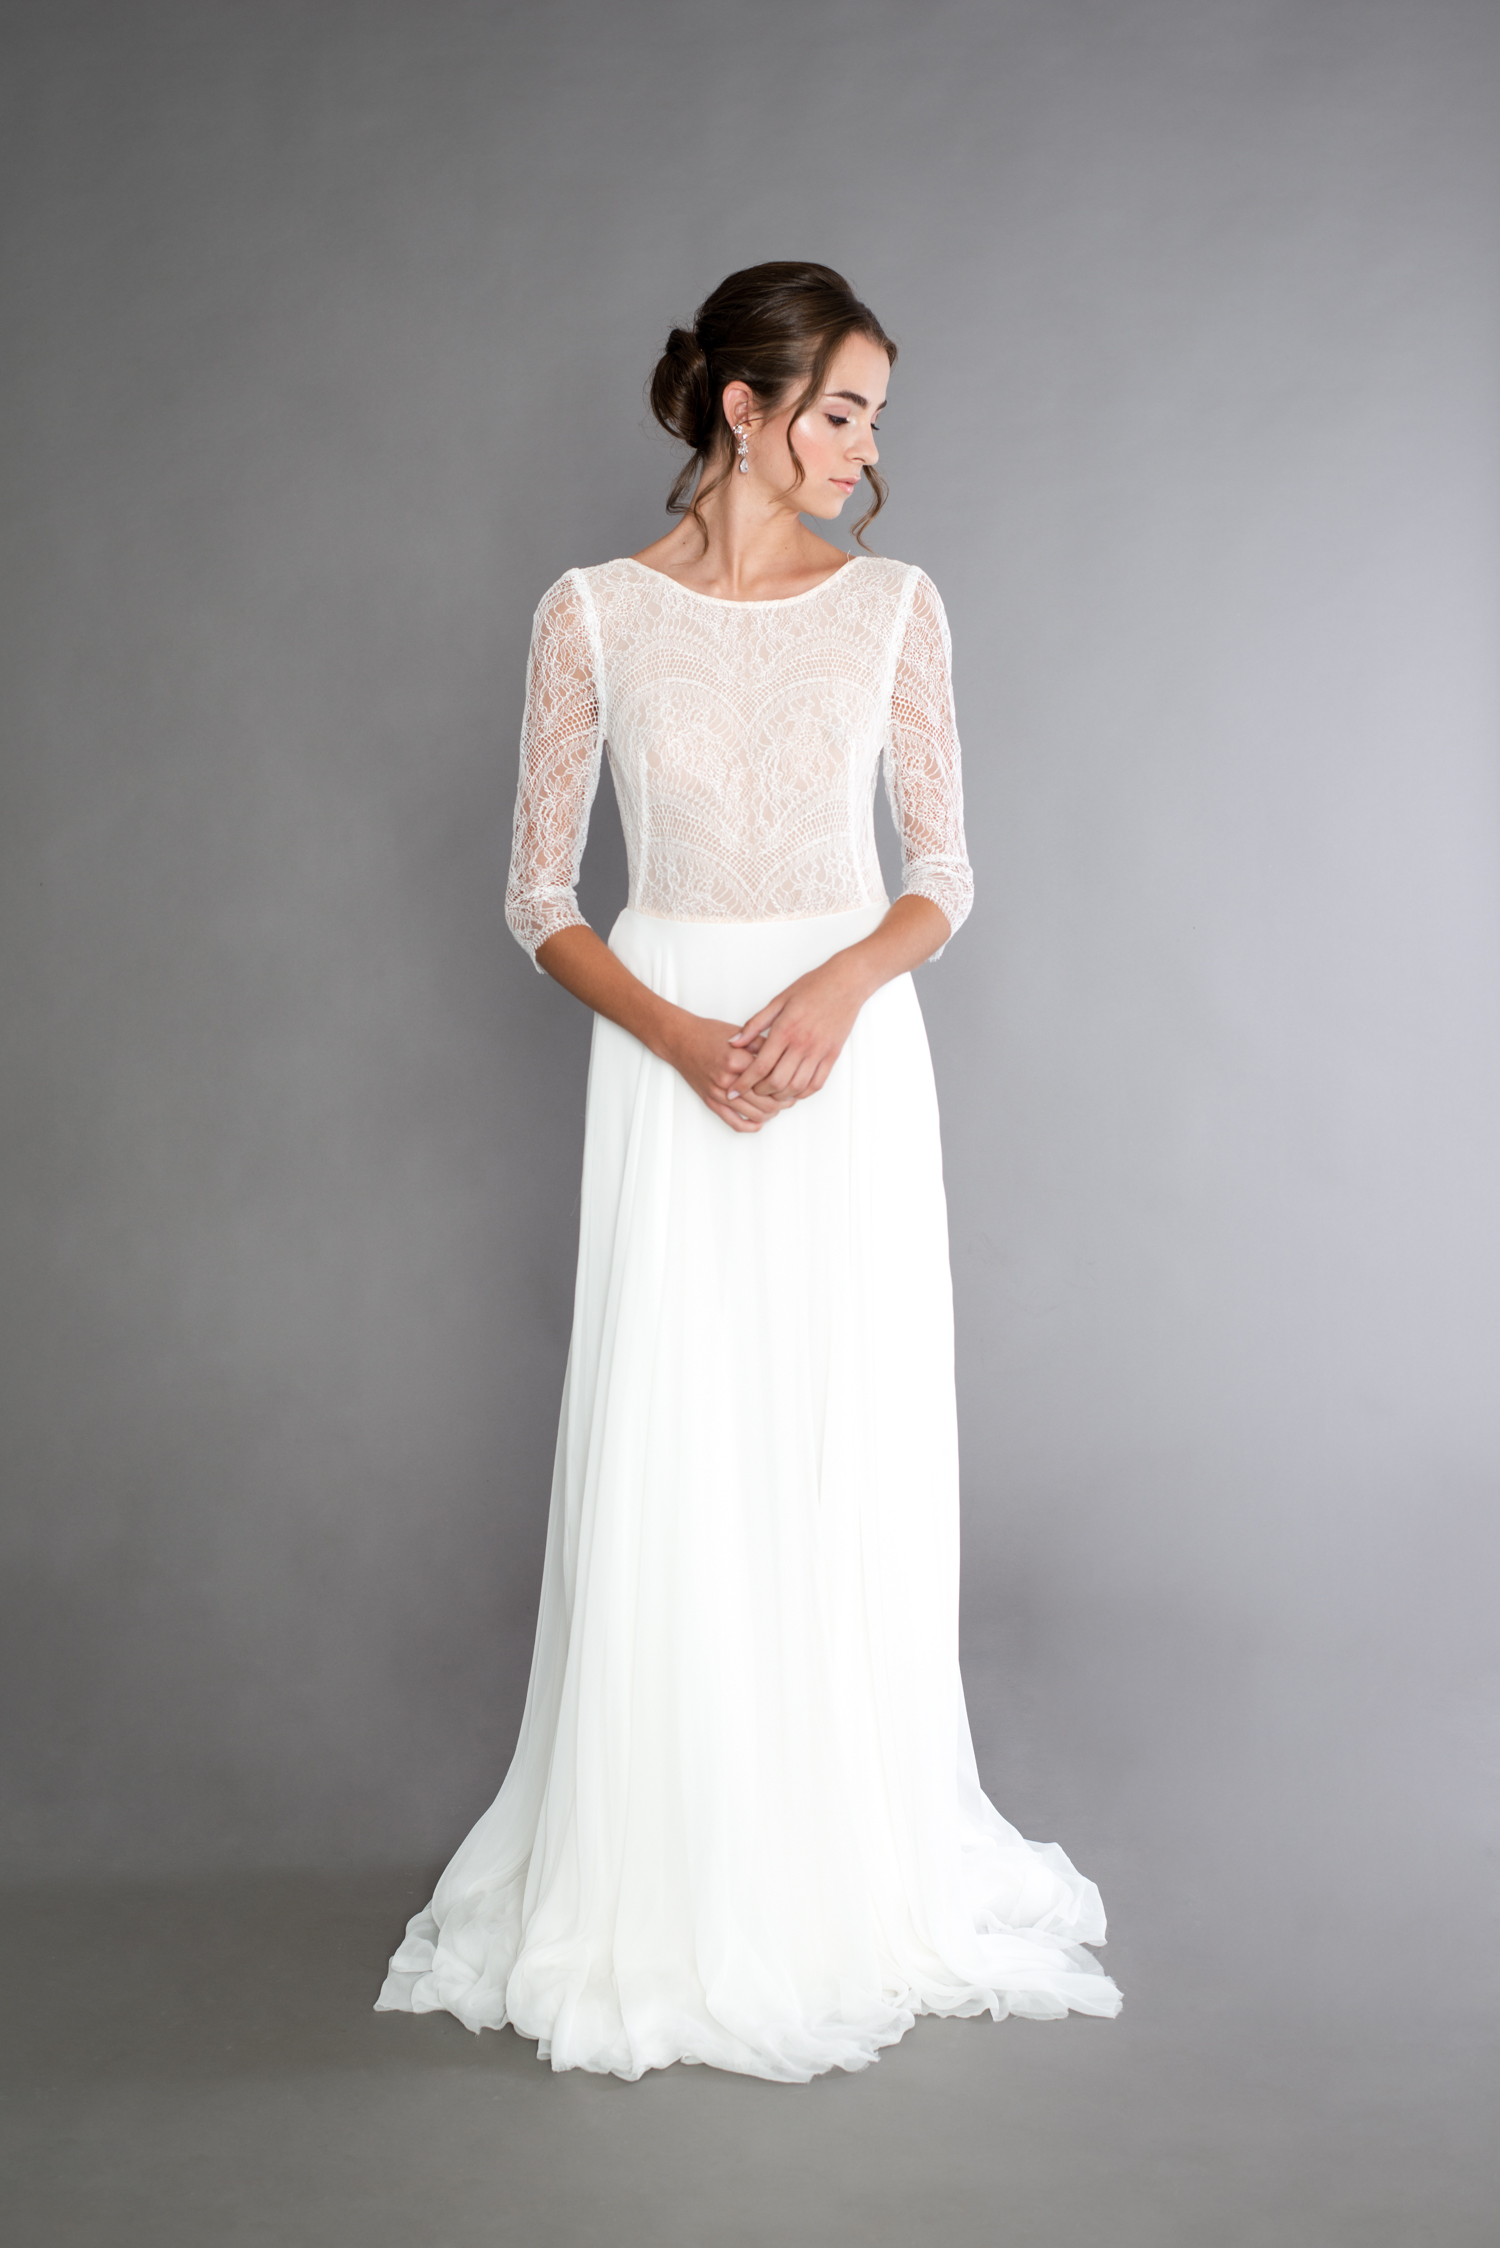 bridal-fashion-photographer-austria-brautmode-fotografin-__sterreich-wien-13 Brautmode Fotografie Linz   Hochzeitsfotograf in Oberösterreich